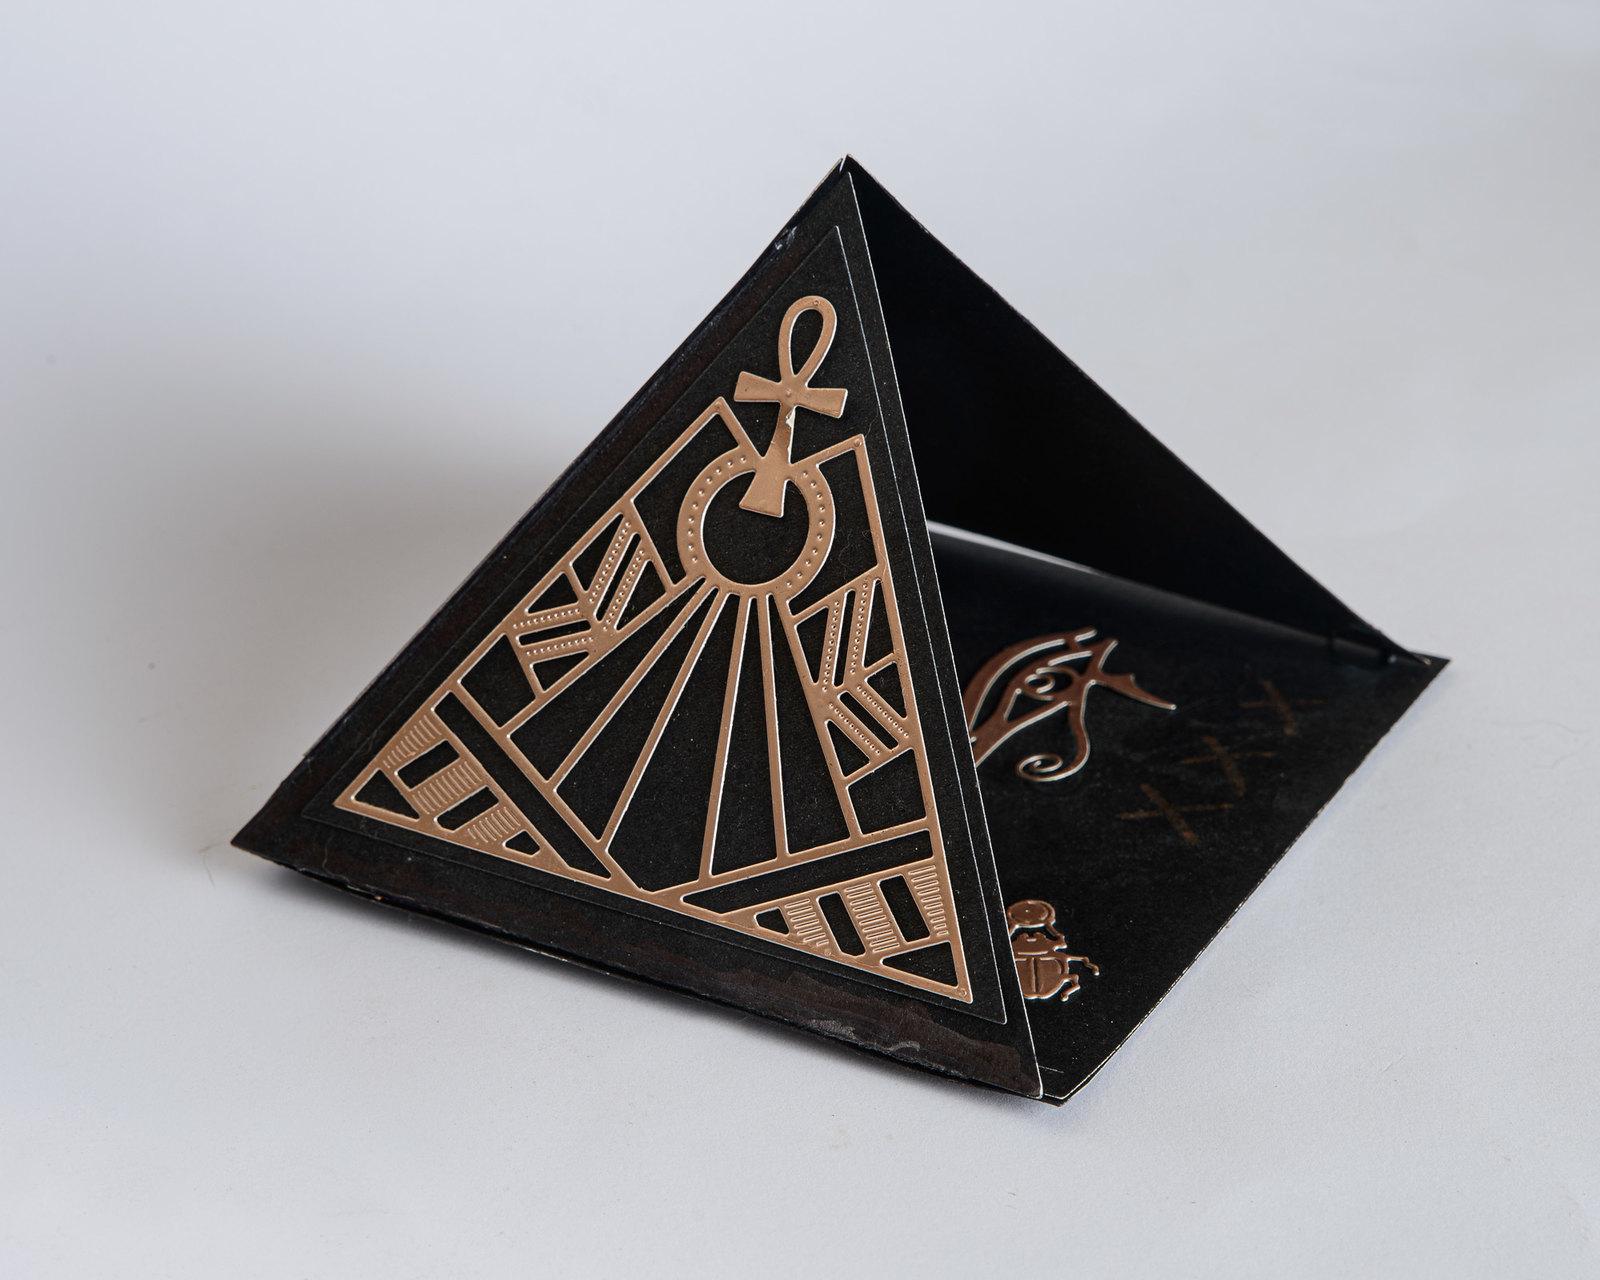 Ali-cards-084.jpg